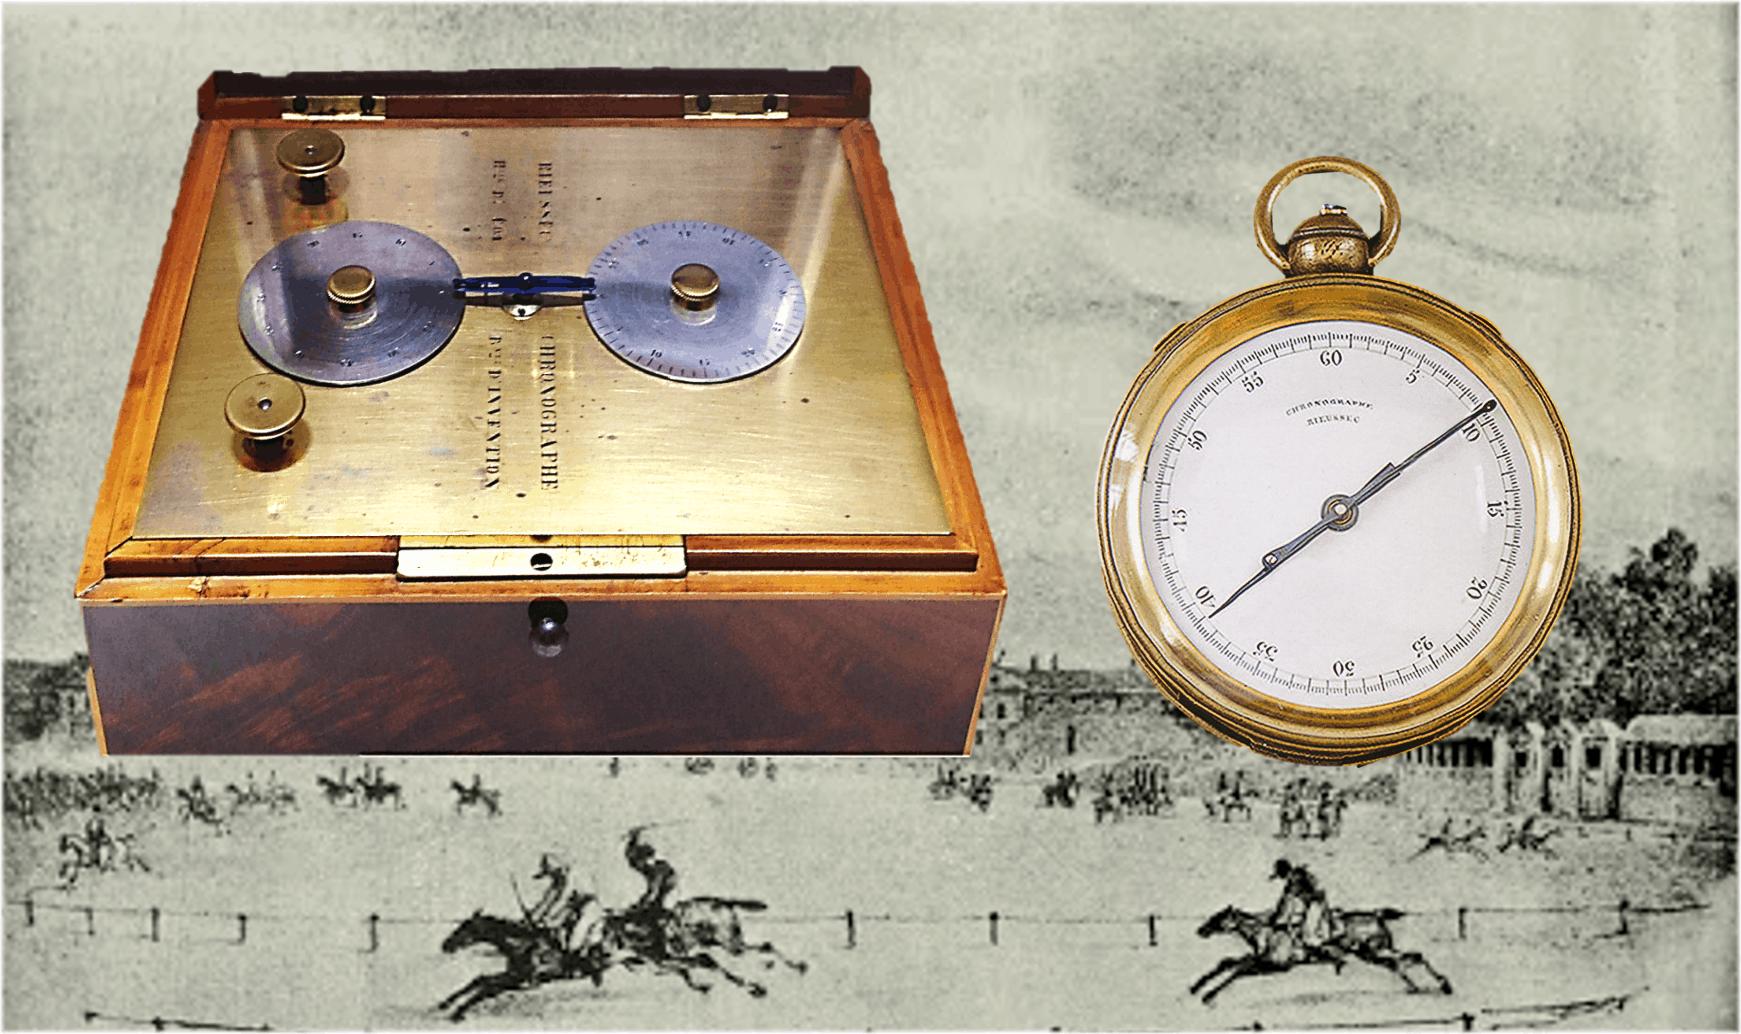 Tintenchronograph in TaschenuhrgrößeRieussec Tintenchronograph:  Der Chronograph schrumpft und markiert mit rotierenden Zeigern